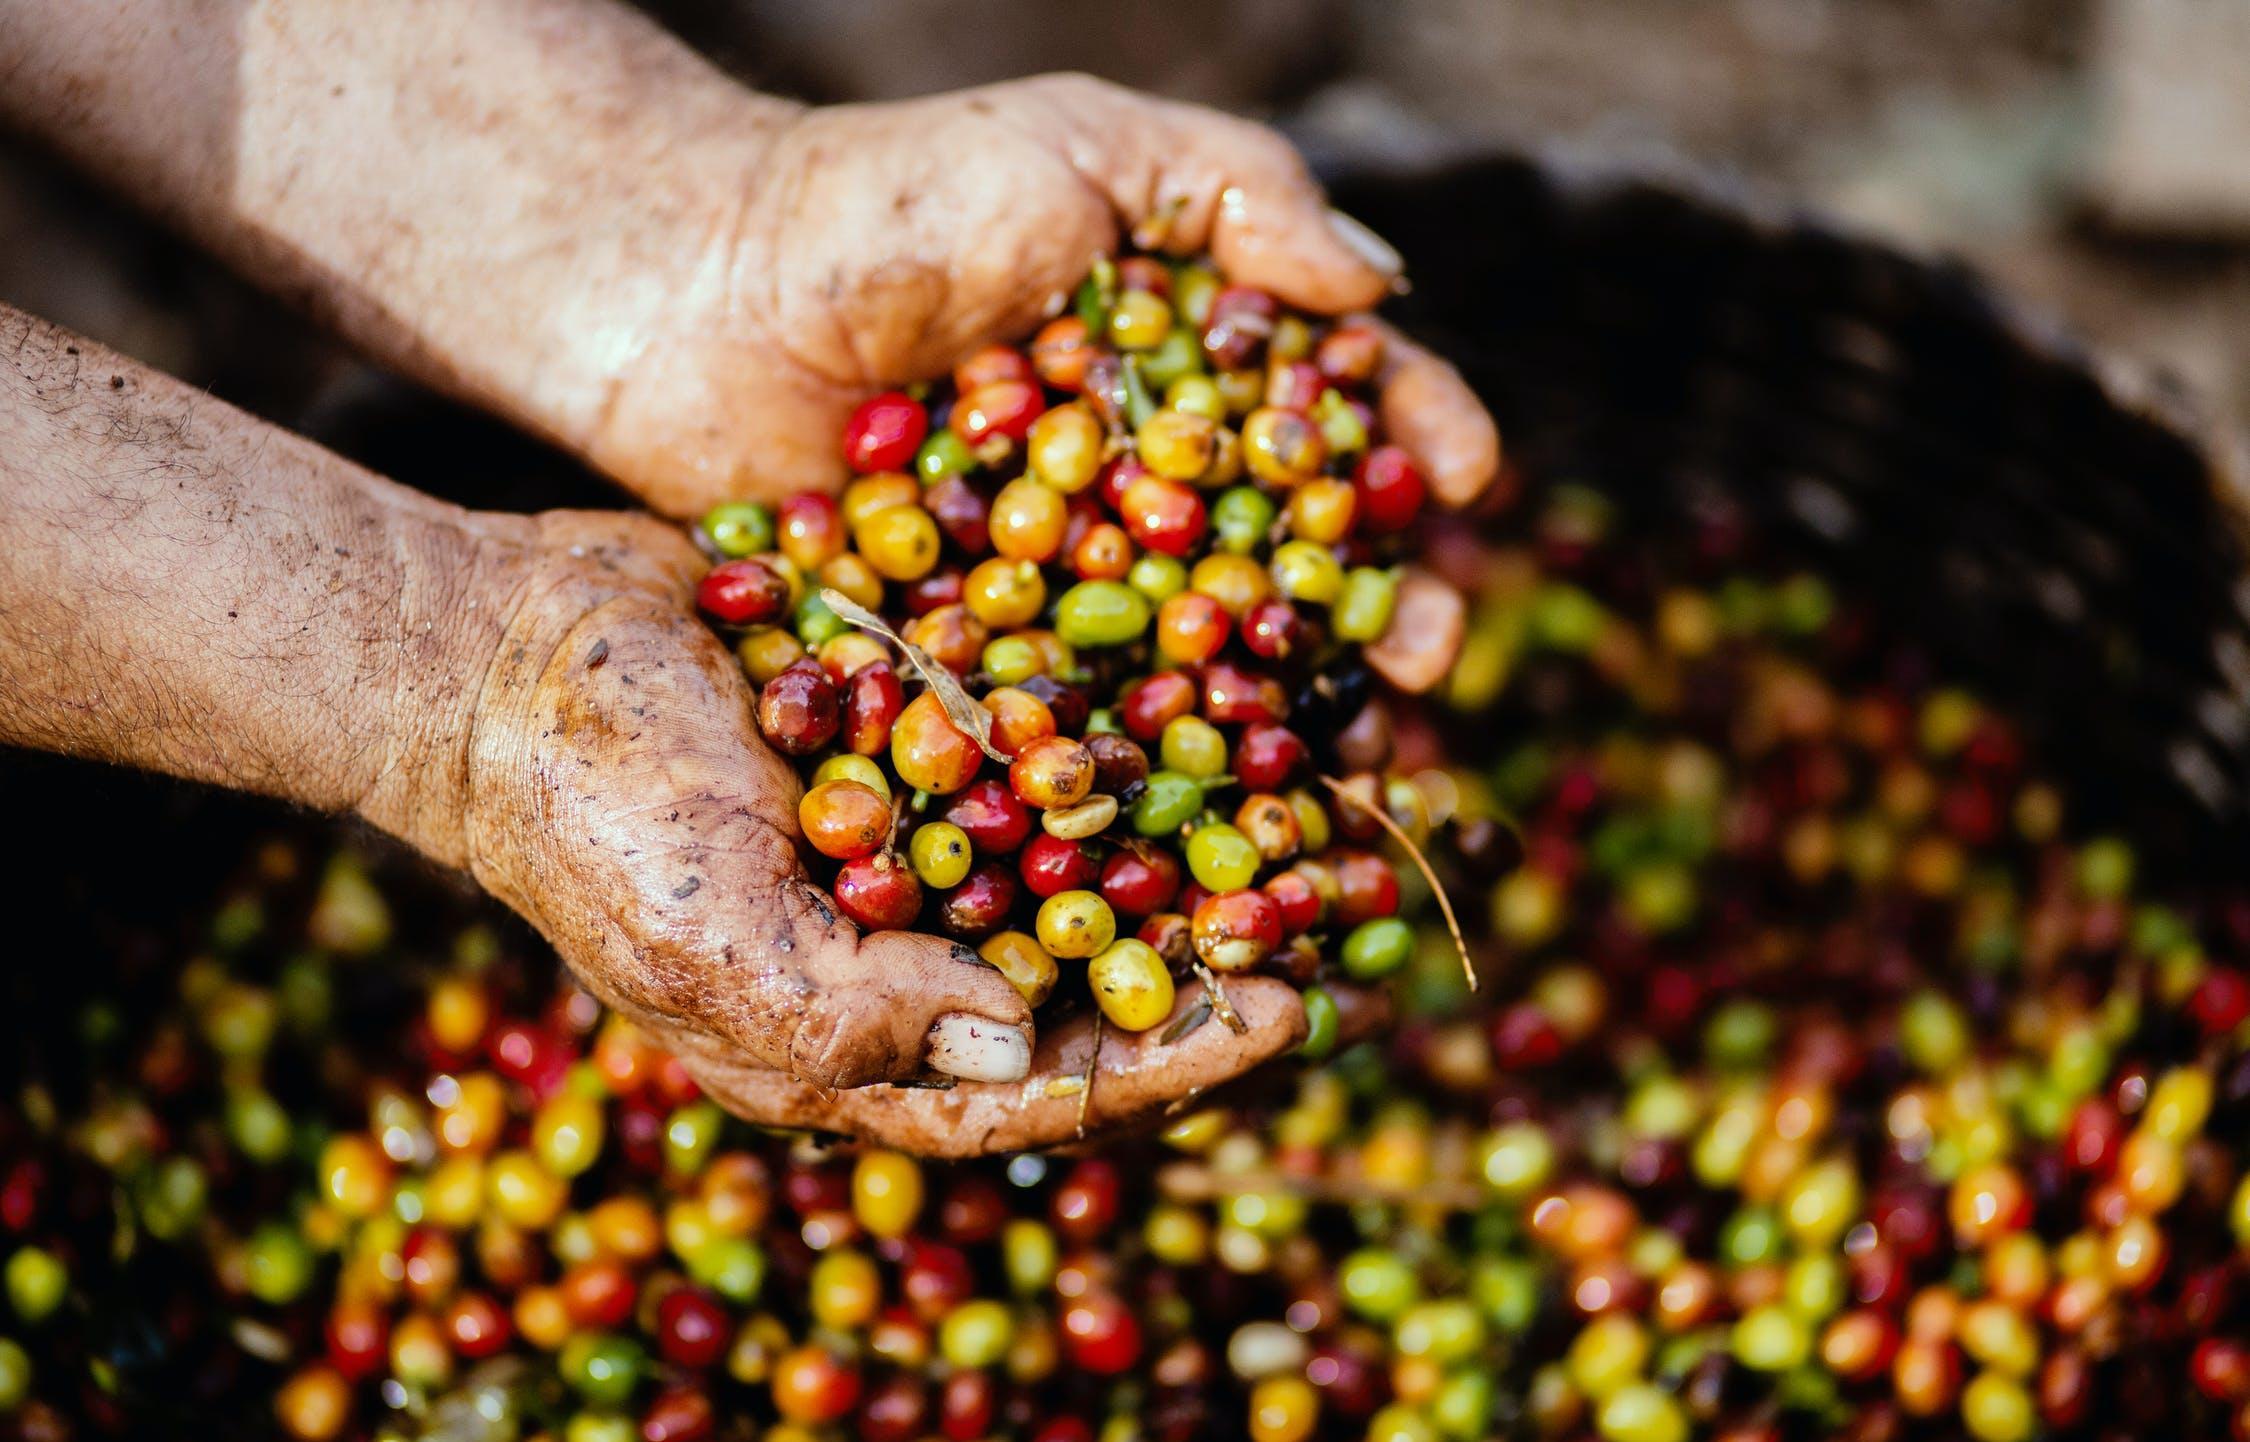 Досмотр импортных и экспортных грузов с продукцией растительного происхождения не выявил нарушений - новости Афанасий